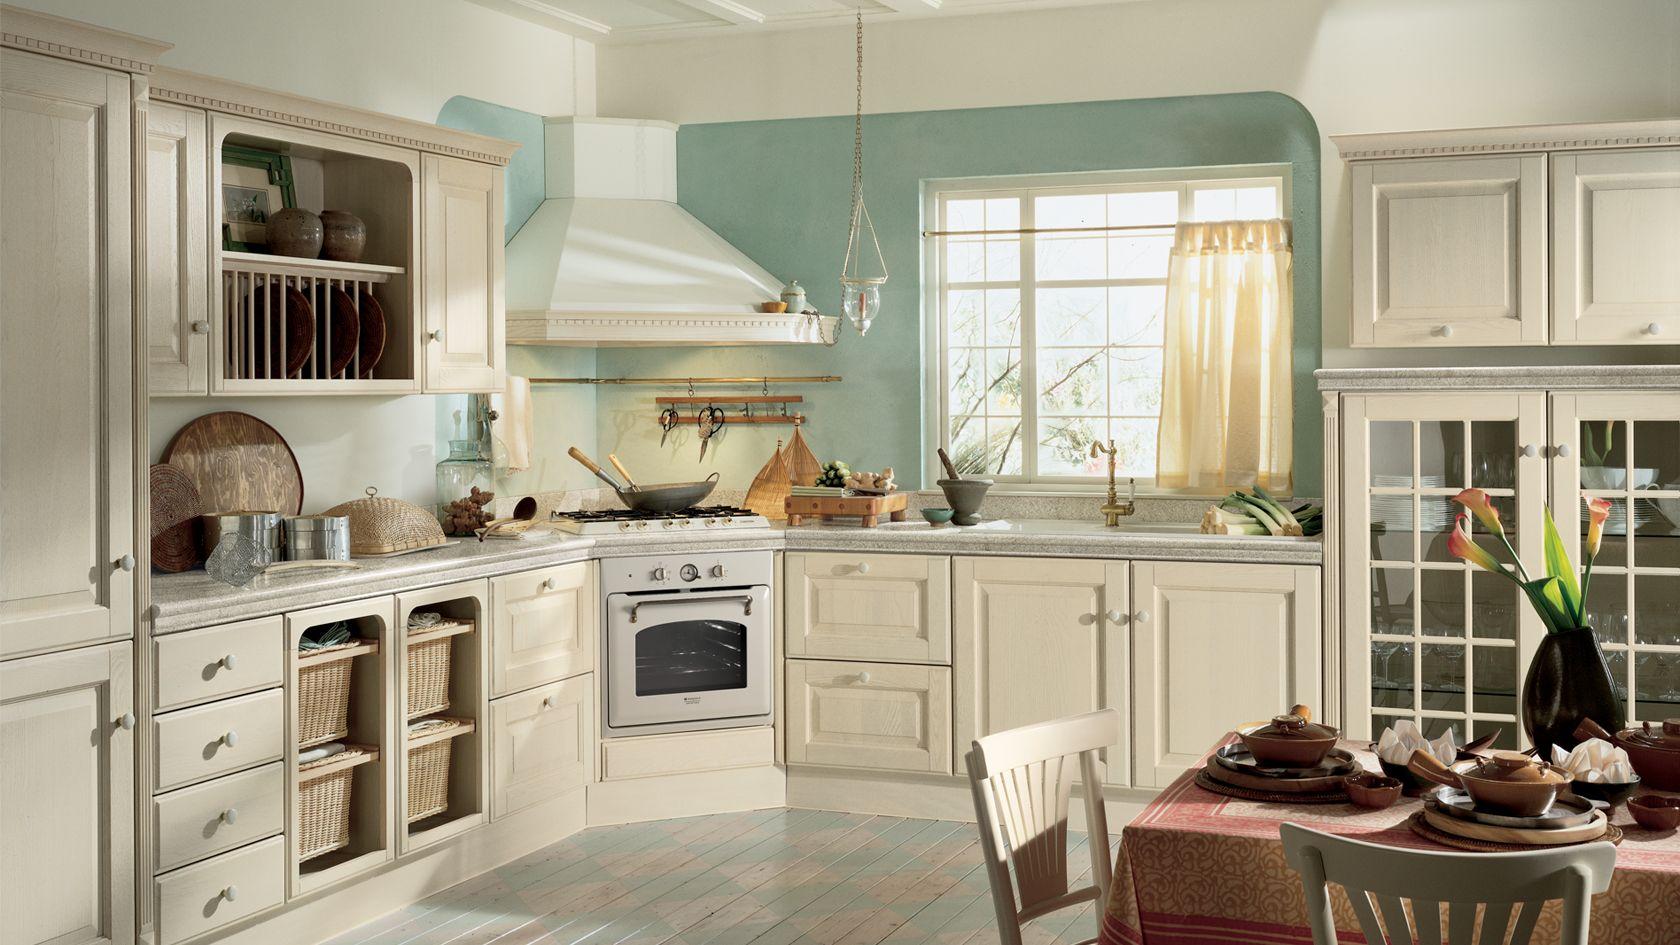 Cucina in rovere Baltimora   Sito ufficiale Scavolini   Kitchens ...